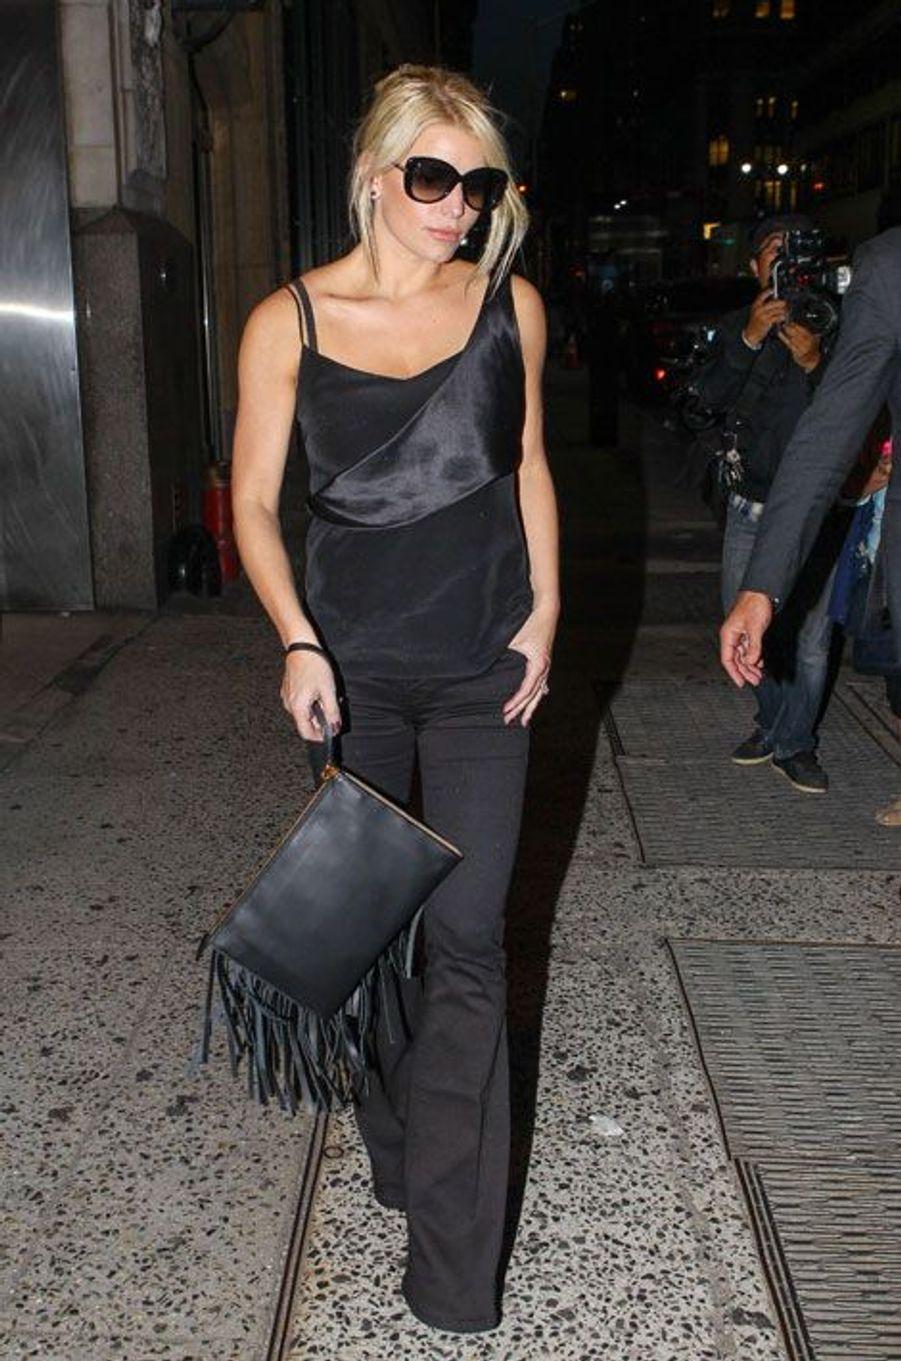 La chanteuse américaine Jessica Simpson, à New York, le 30 septembre 2014